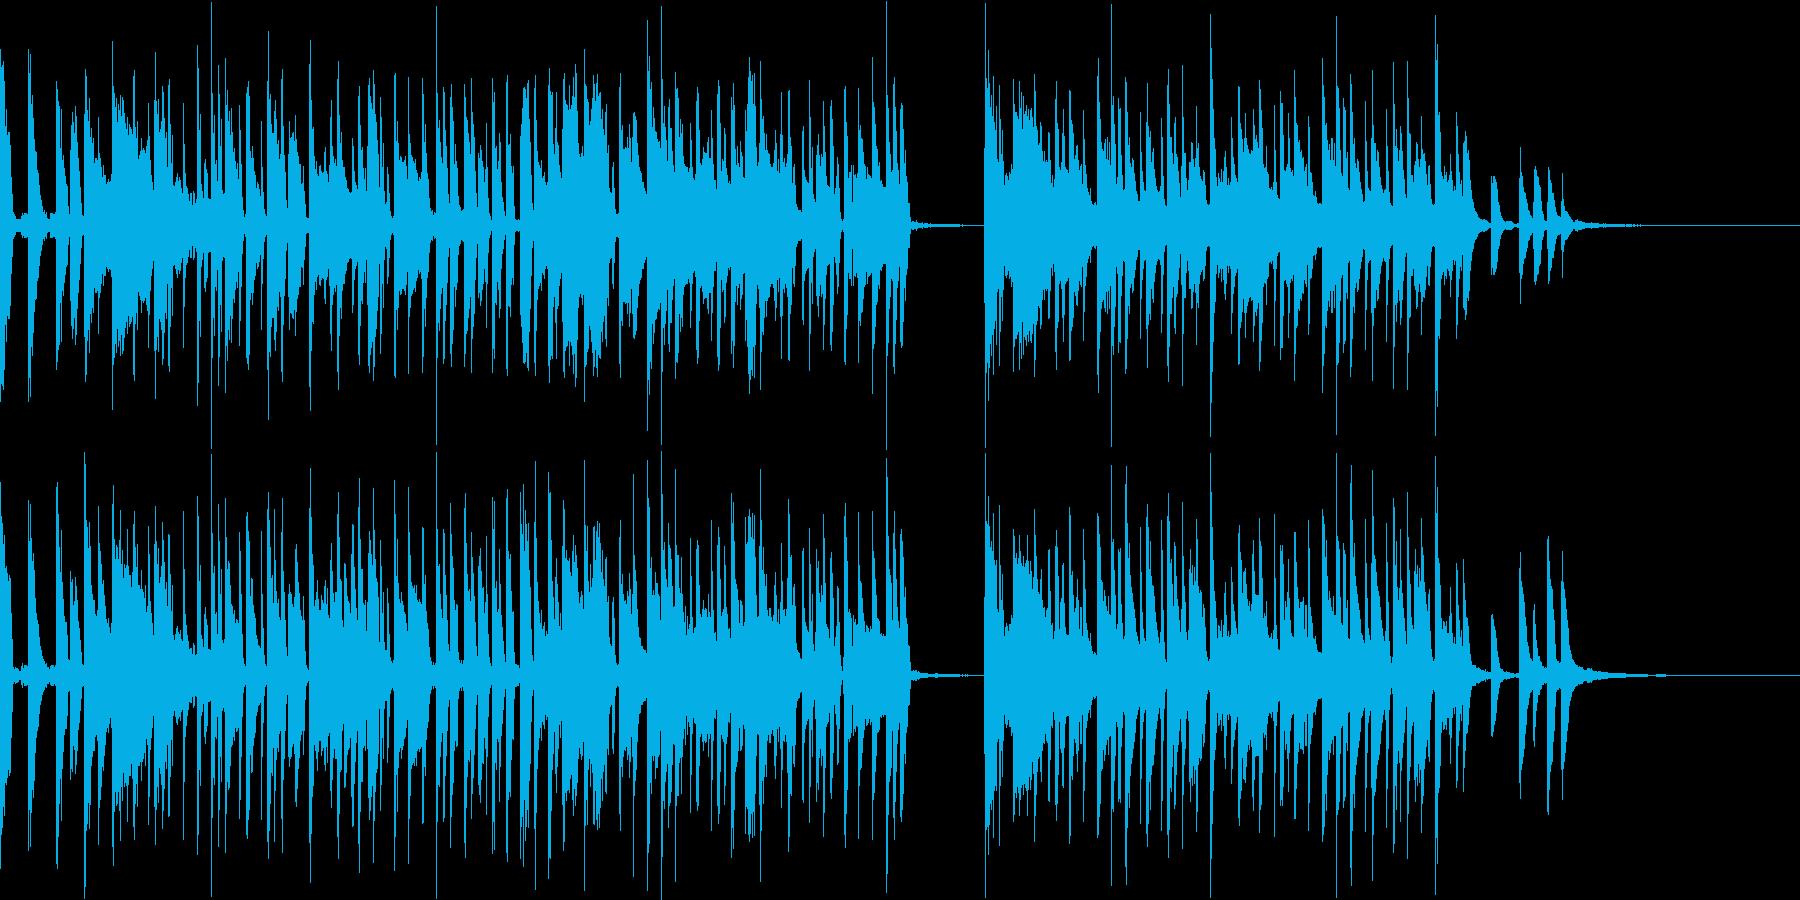 カワイイPOPオシャレでノリがいい曲の再生済みの波形